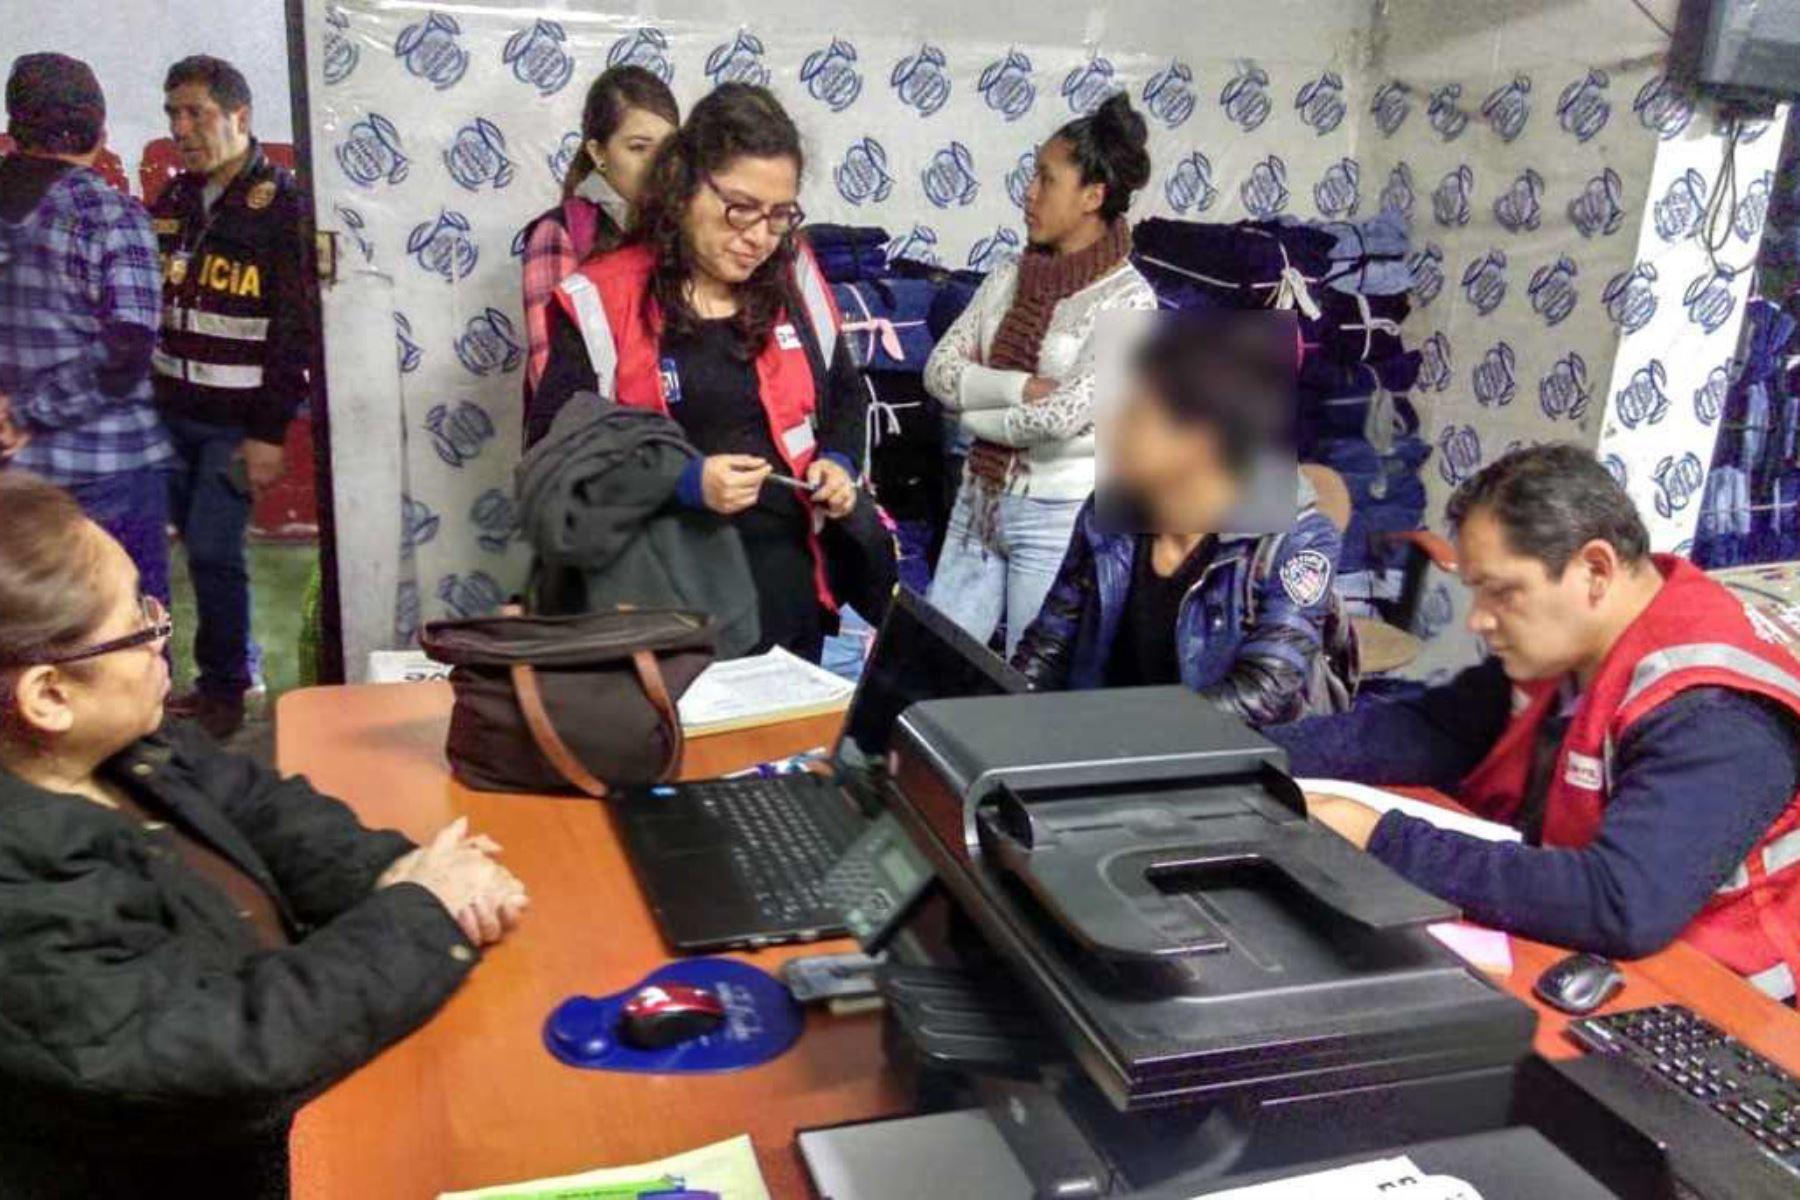 La Superintendencia Nacional de Fiscalización Laboral (Sunafil) realizó 962 operativos de fiscalización para detectar el trabajo infantil, en Lima y en las 15 provincias donde tiene presencia directa, en el período abril de 2014 hasta julio de 2018.